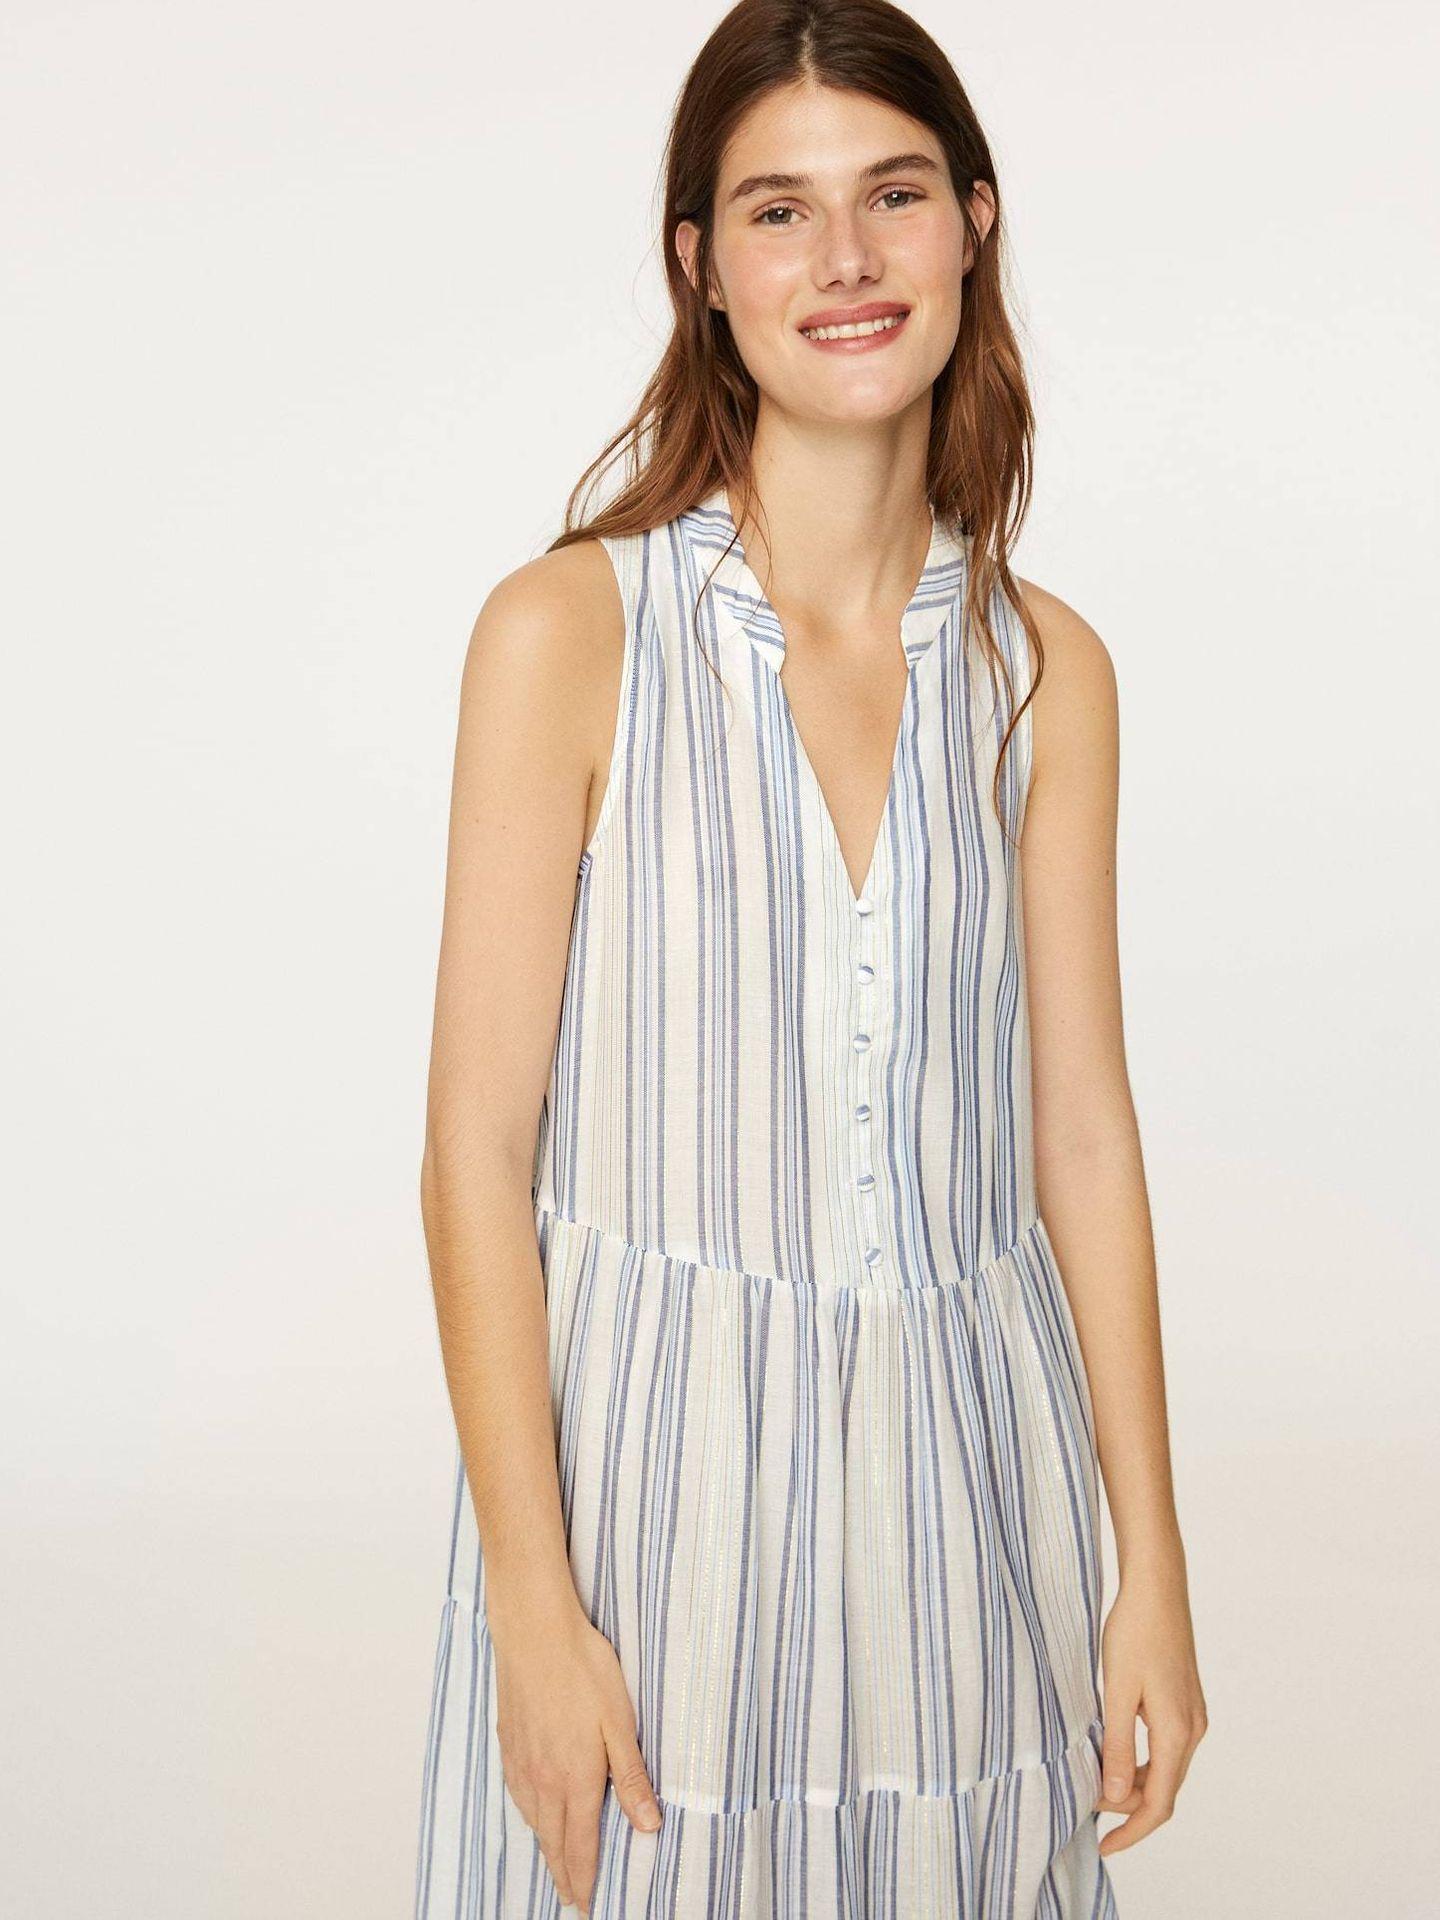 El nuevo vestido de Oysho para este verano. (Cortesía)